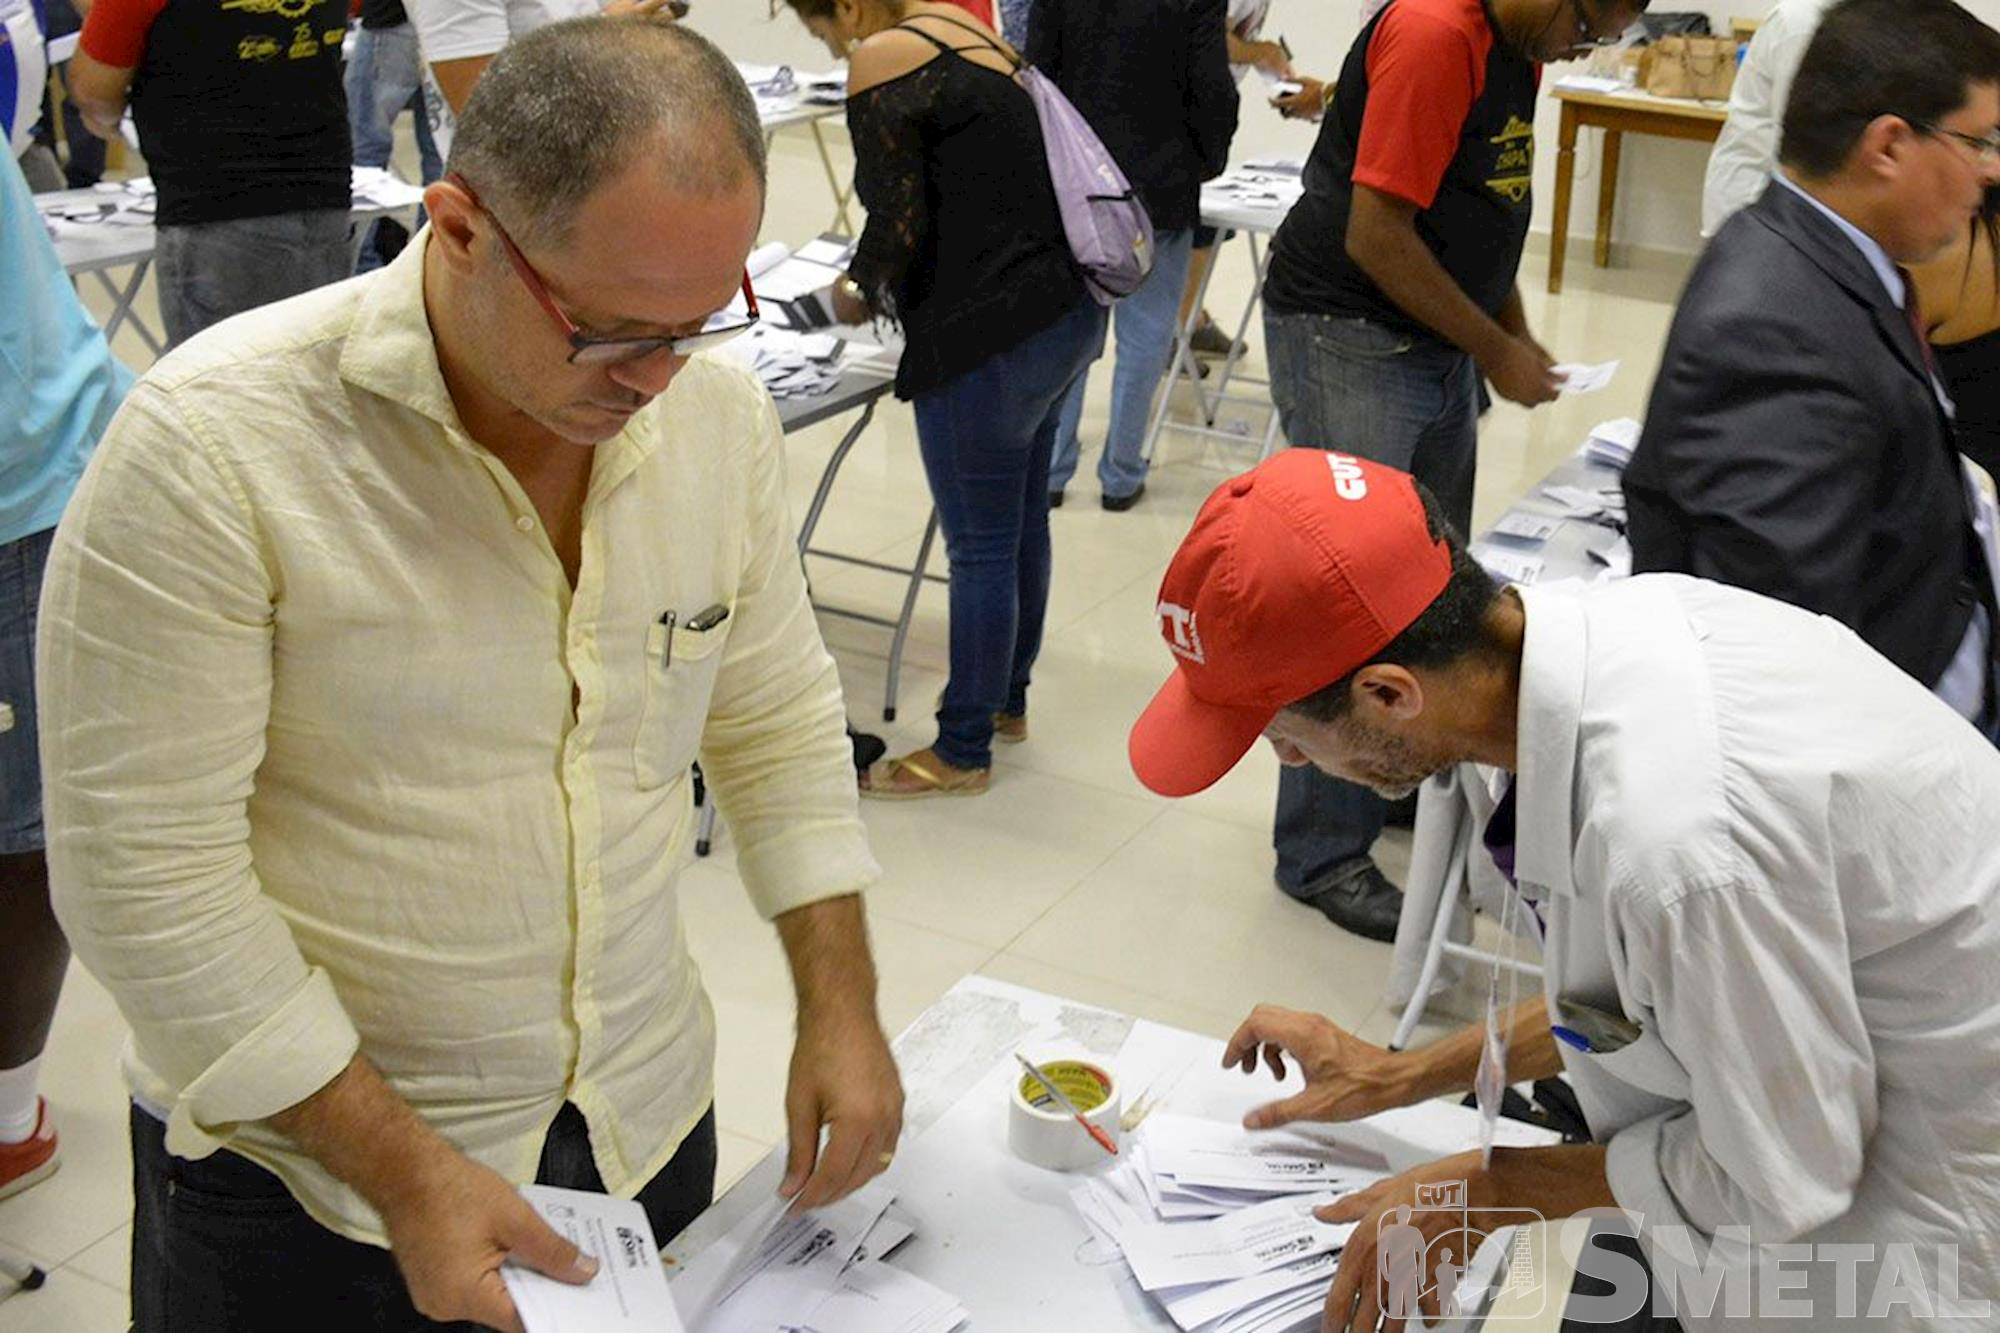 Primeiro turno das eleições do SMetal Sorocaba